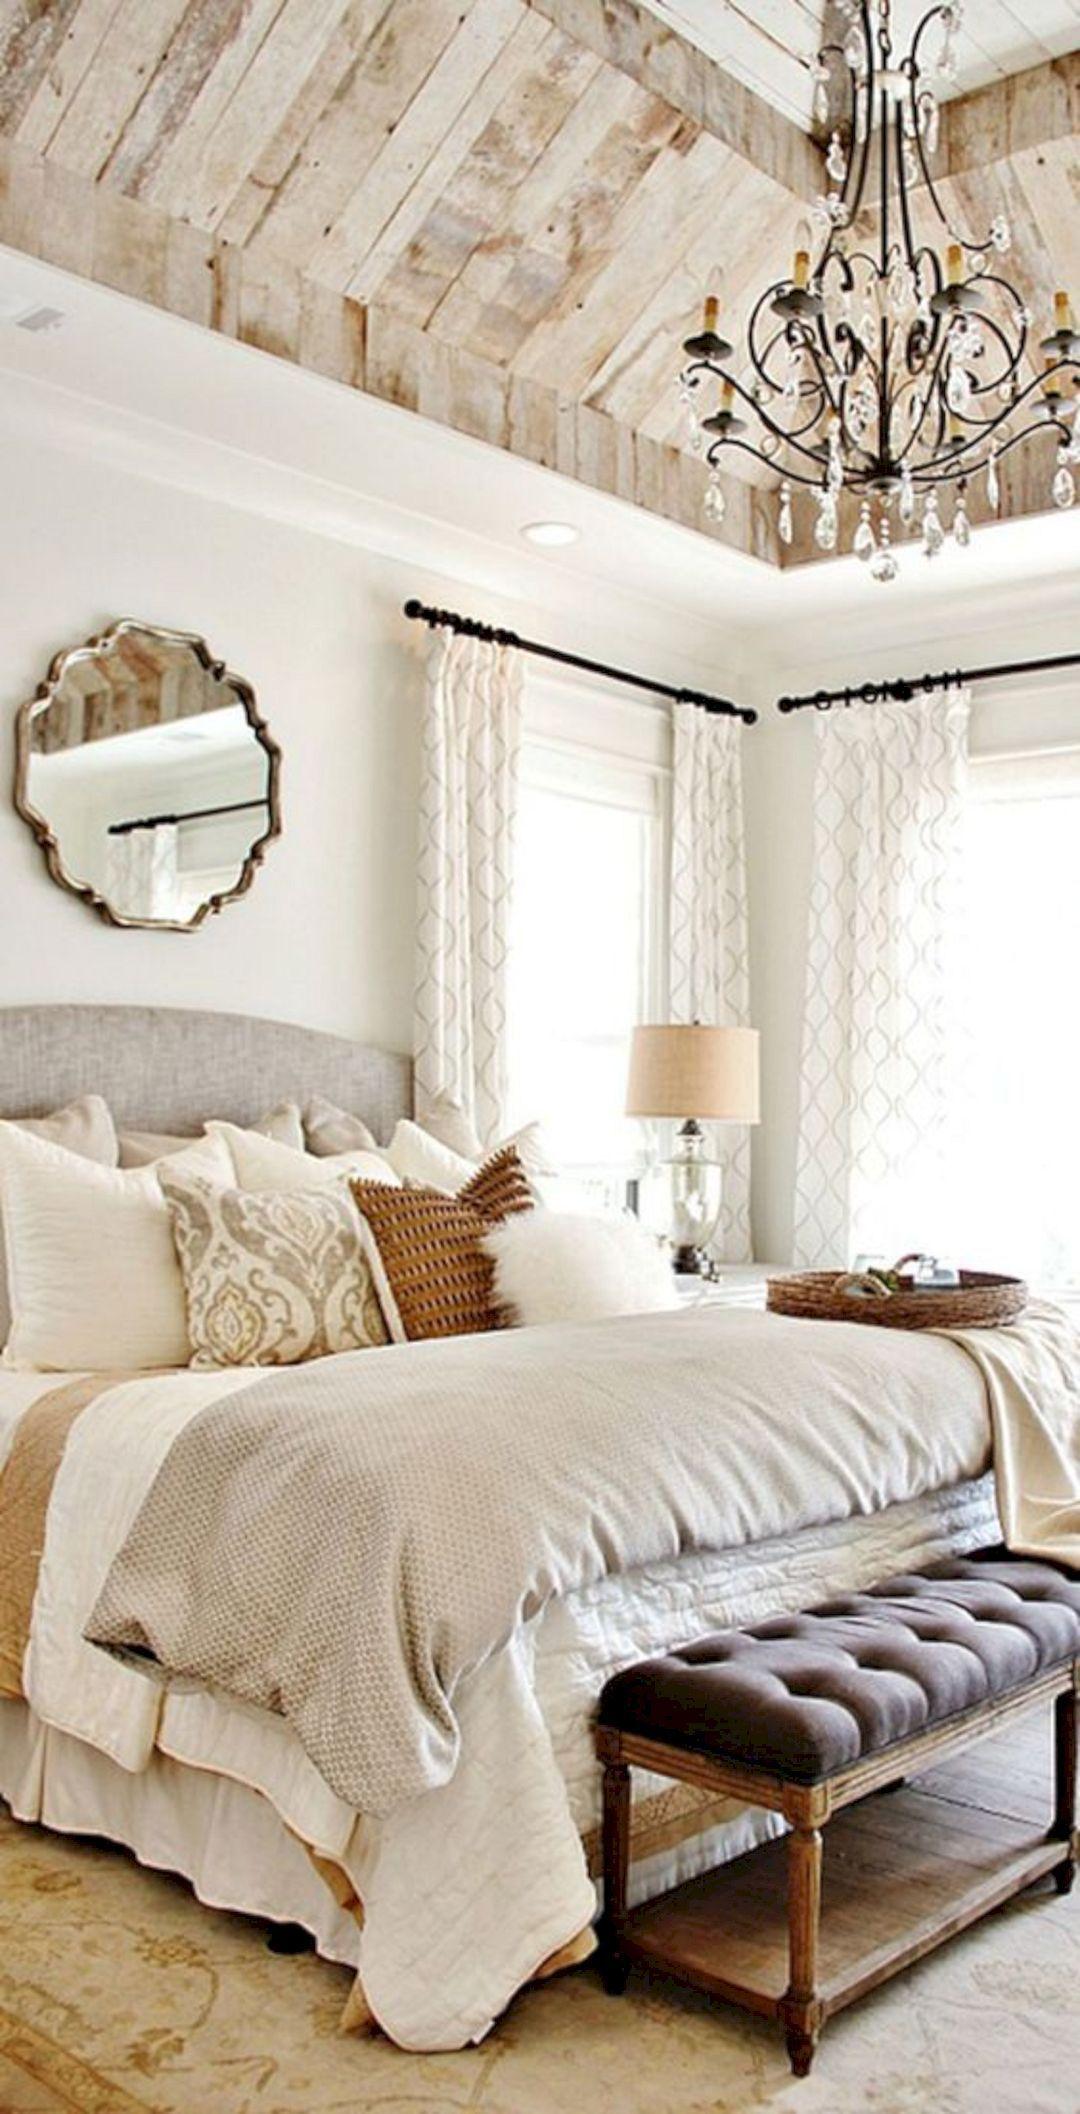 Master bedroom bedroom decor ideas   Fantastic Master Bedroom Decorating Ideas